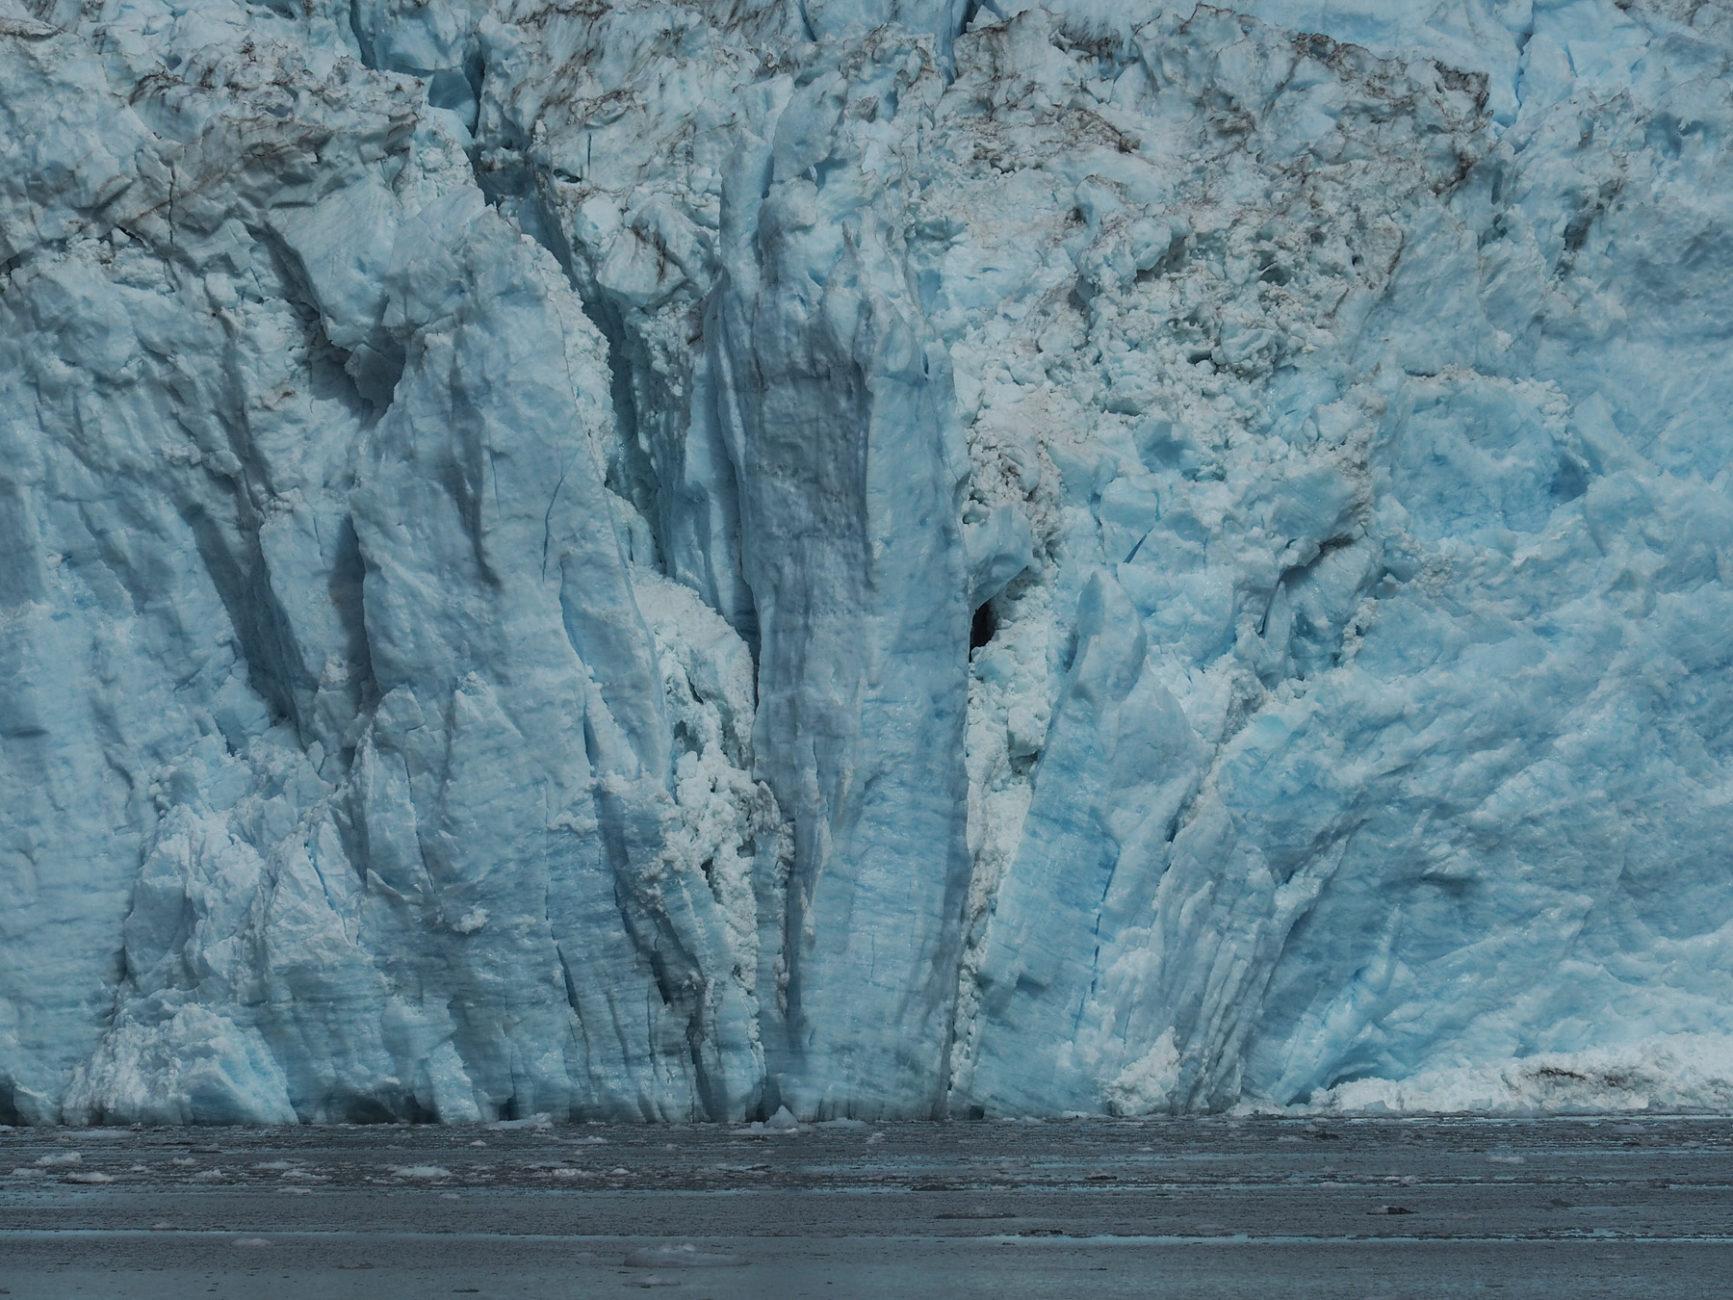 Eis, Berge von blau schimmerndem Eis